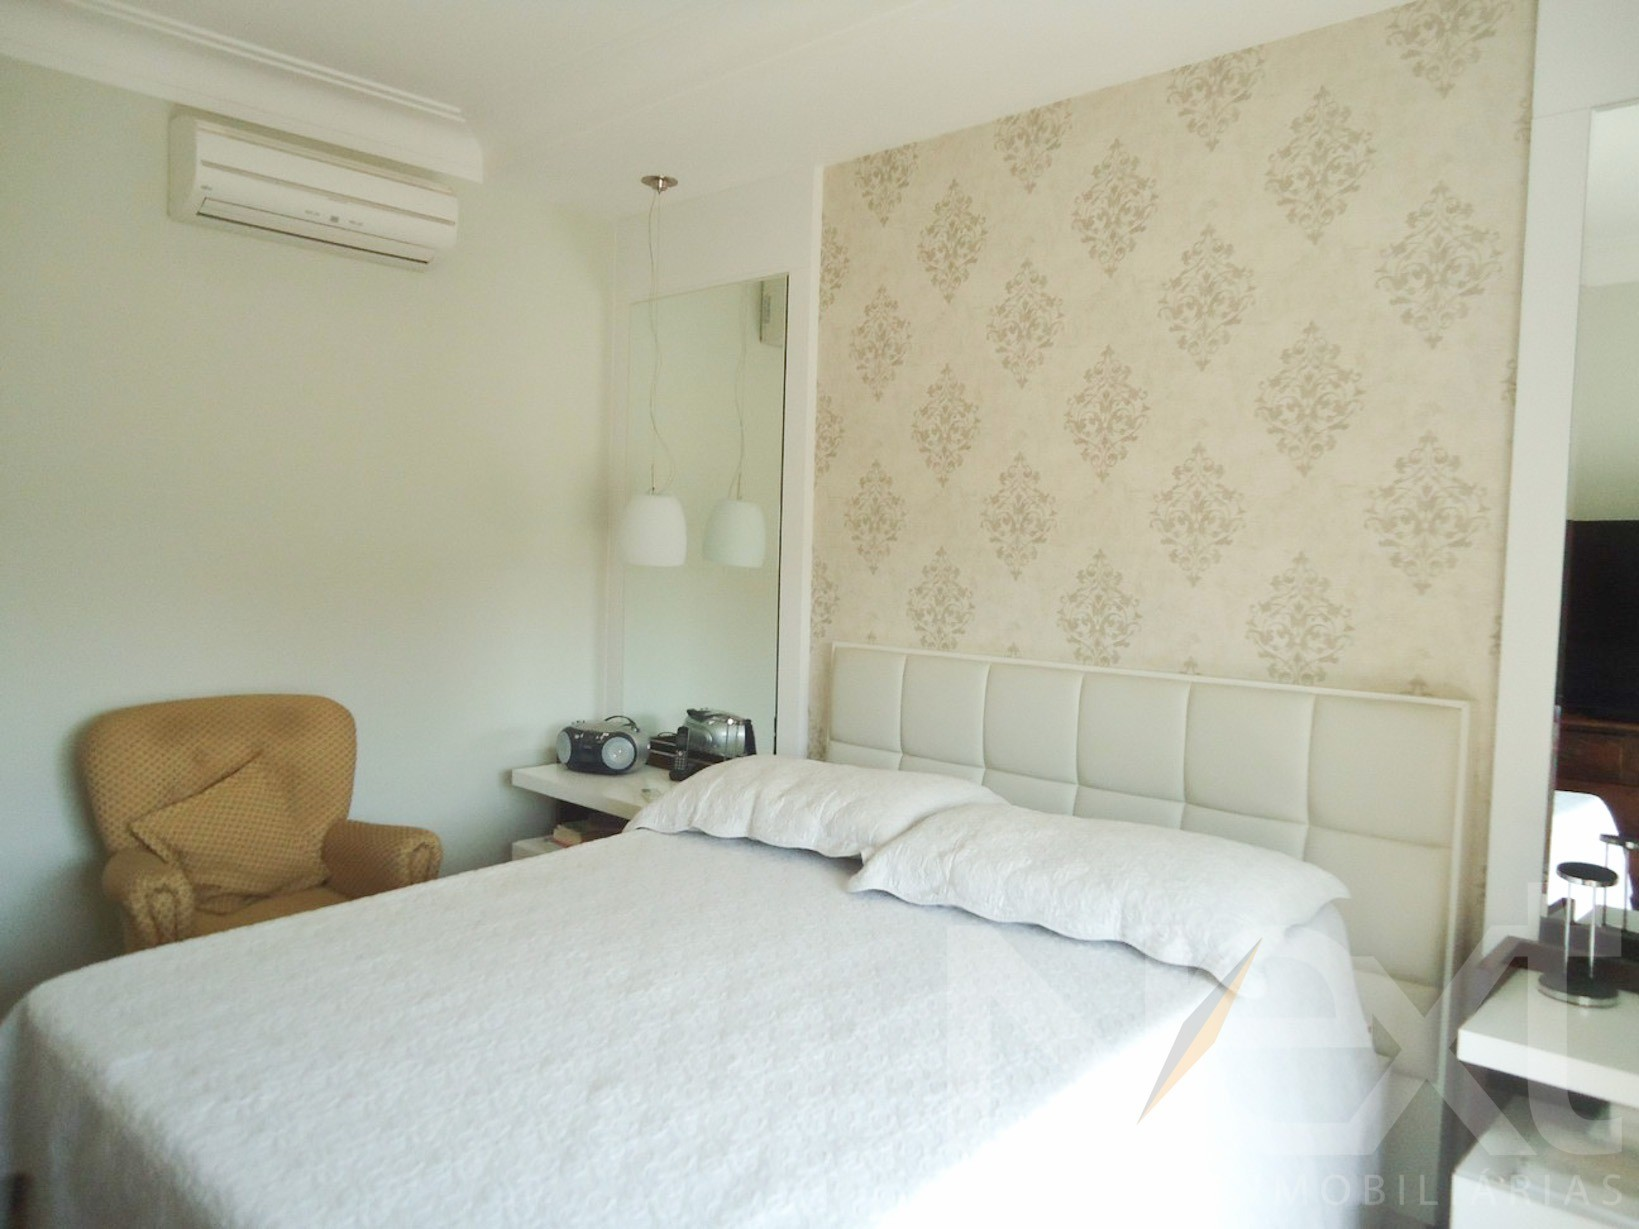 Apartamento de 4 dormitórios à venda em Galleria, Campinas - SP